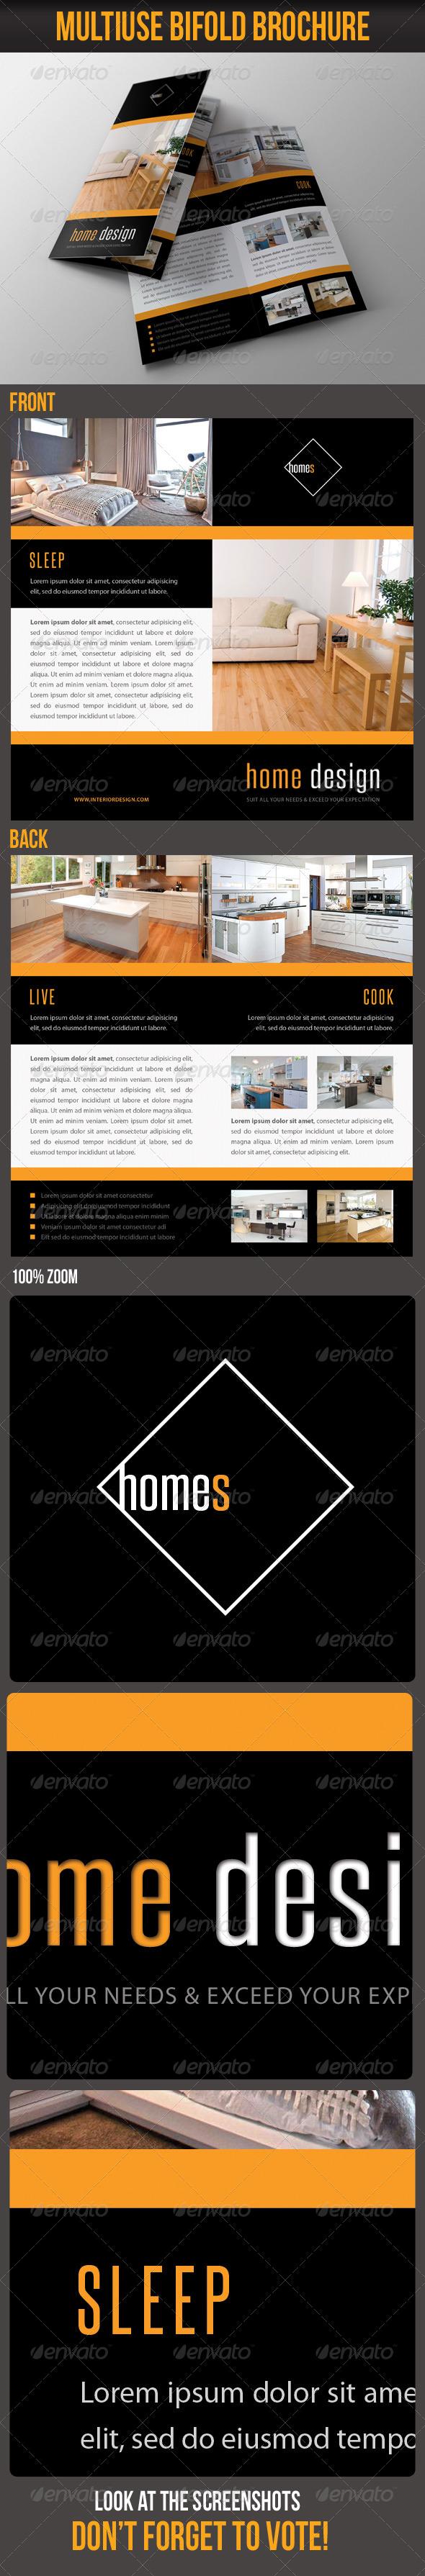 GraphicRiver Multiuse Bifold Brochure 55 7063316